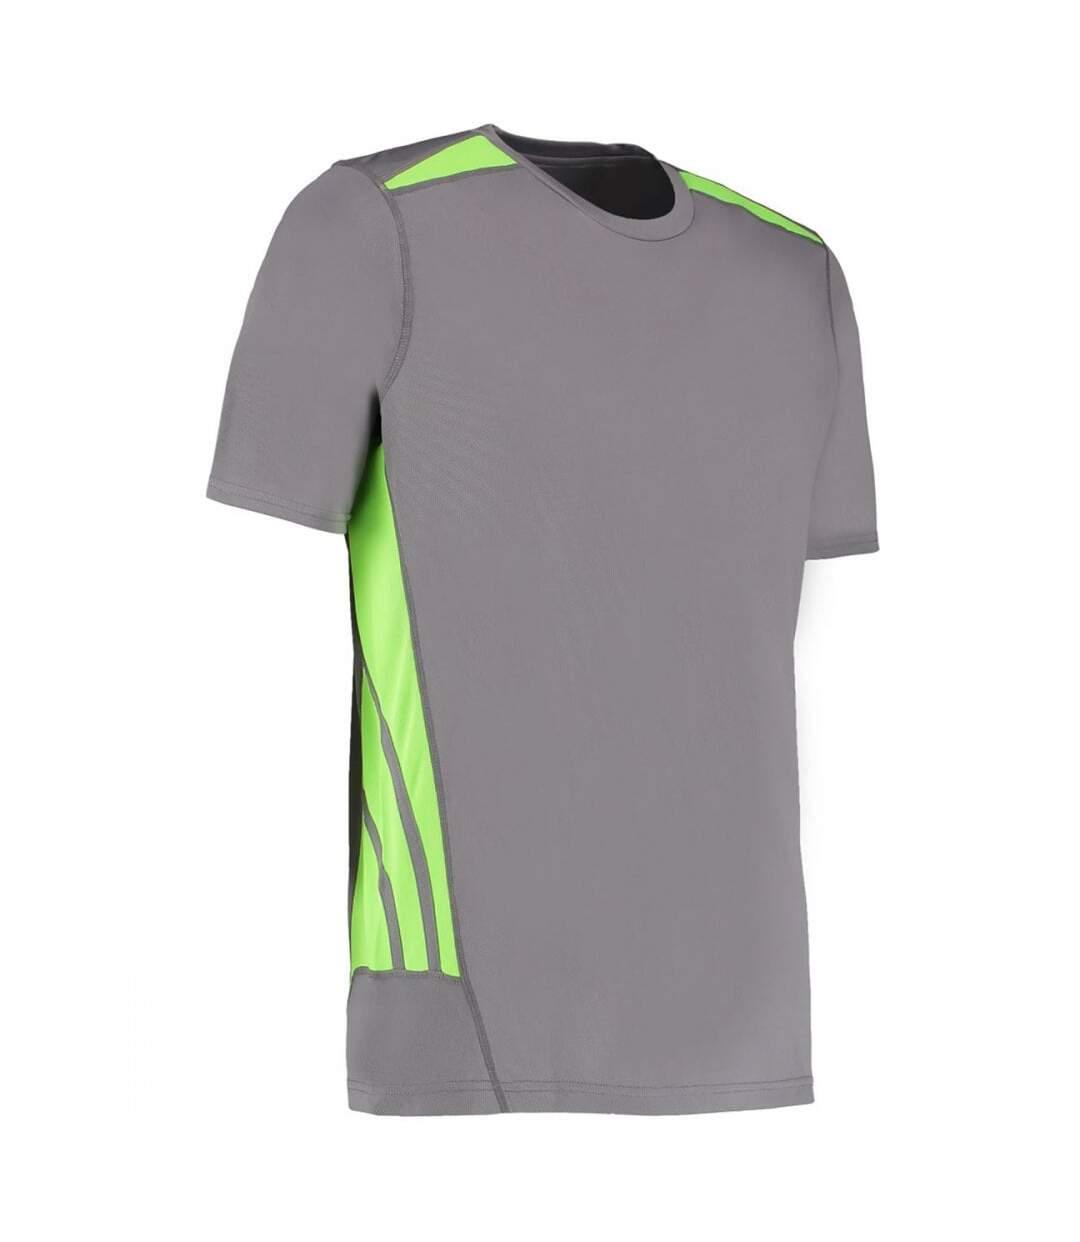 Gamegear® Mens Cooltex Short Sleeve Training T-Shirt (Grey/ Fluoresent Lime) - UTBC417